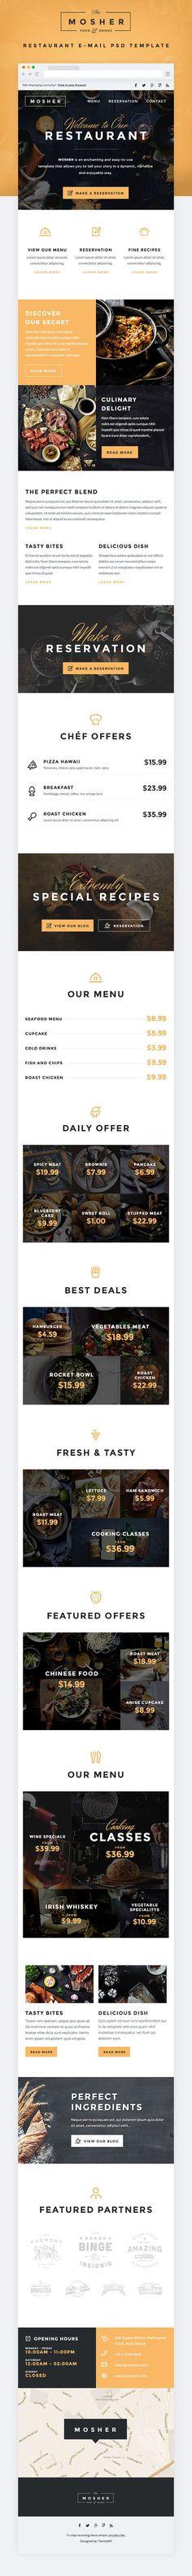 Mosher - Restaurant E-newsletter Template